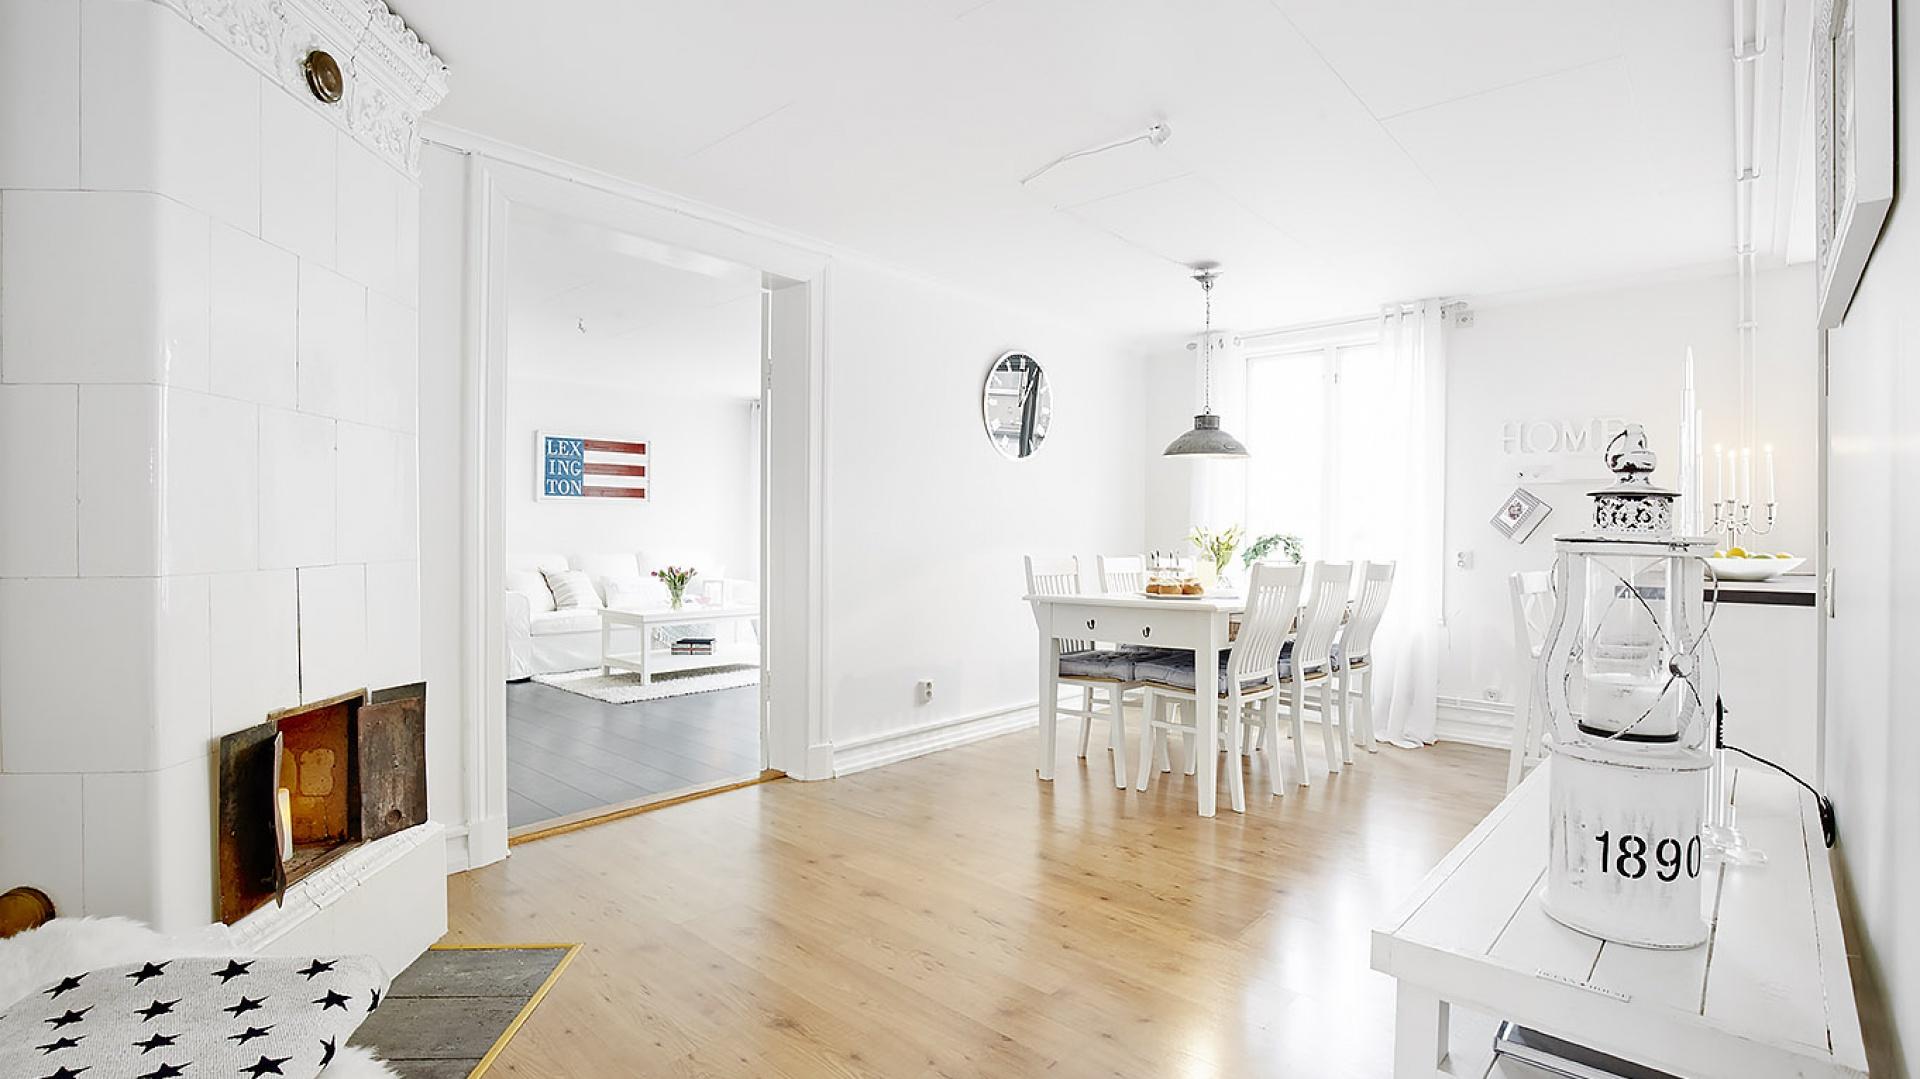 Romantyczną atmosferę we wnętrzu budują sztukaterie pod sufitem, pomalowane na biało, stare, drewniane meble oraz piękny, stary kaflowy piec. Fot. Vastanhem.